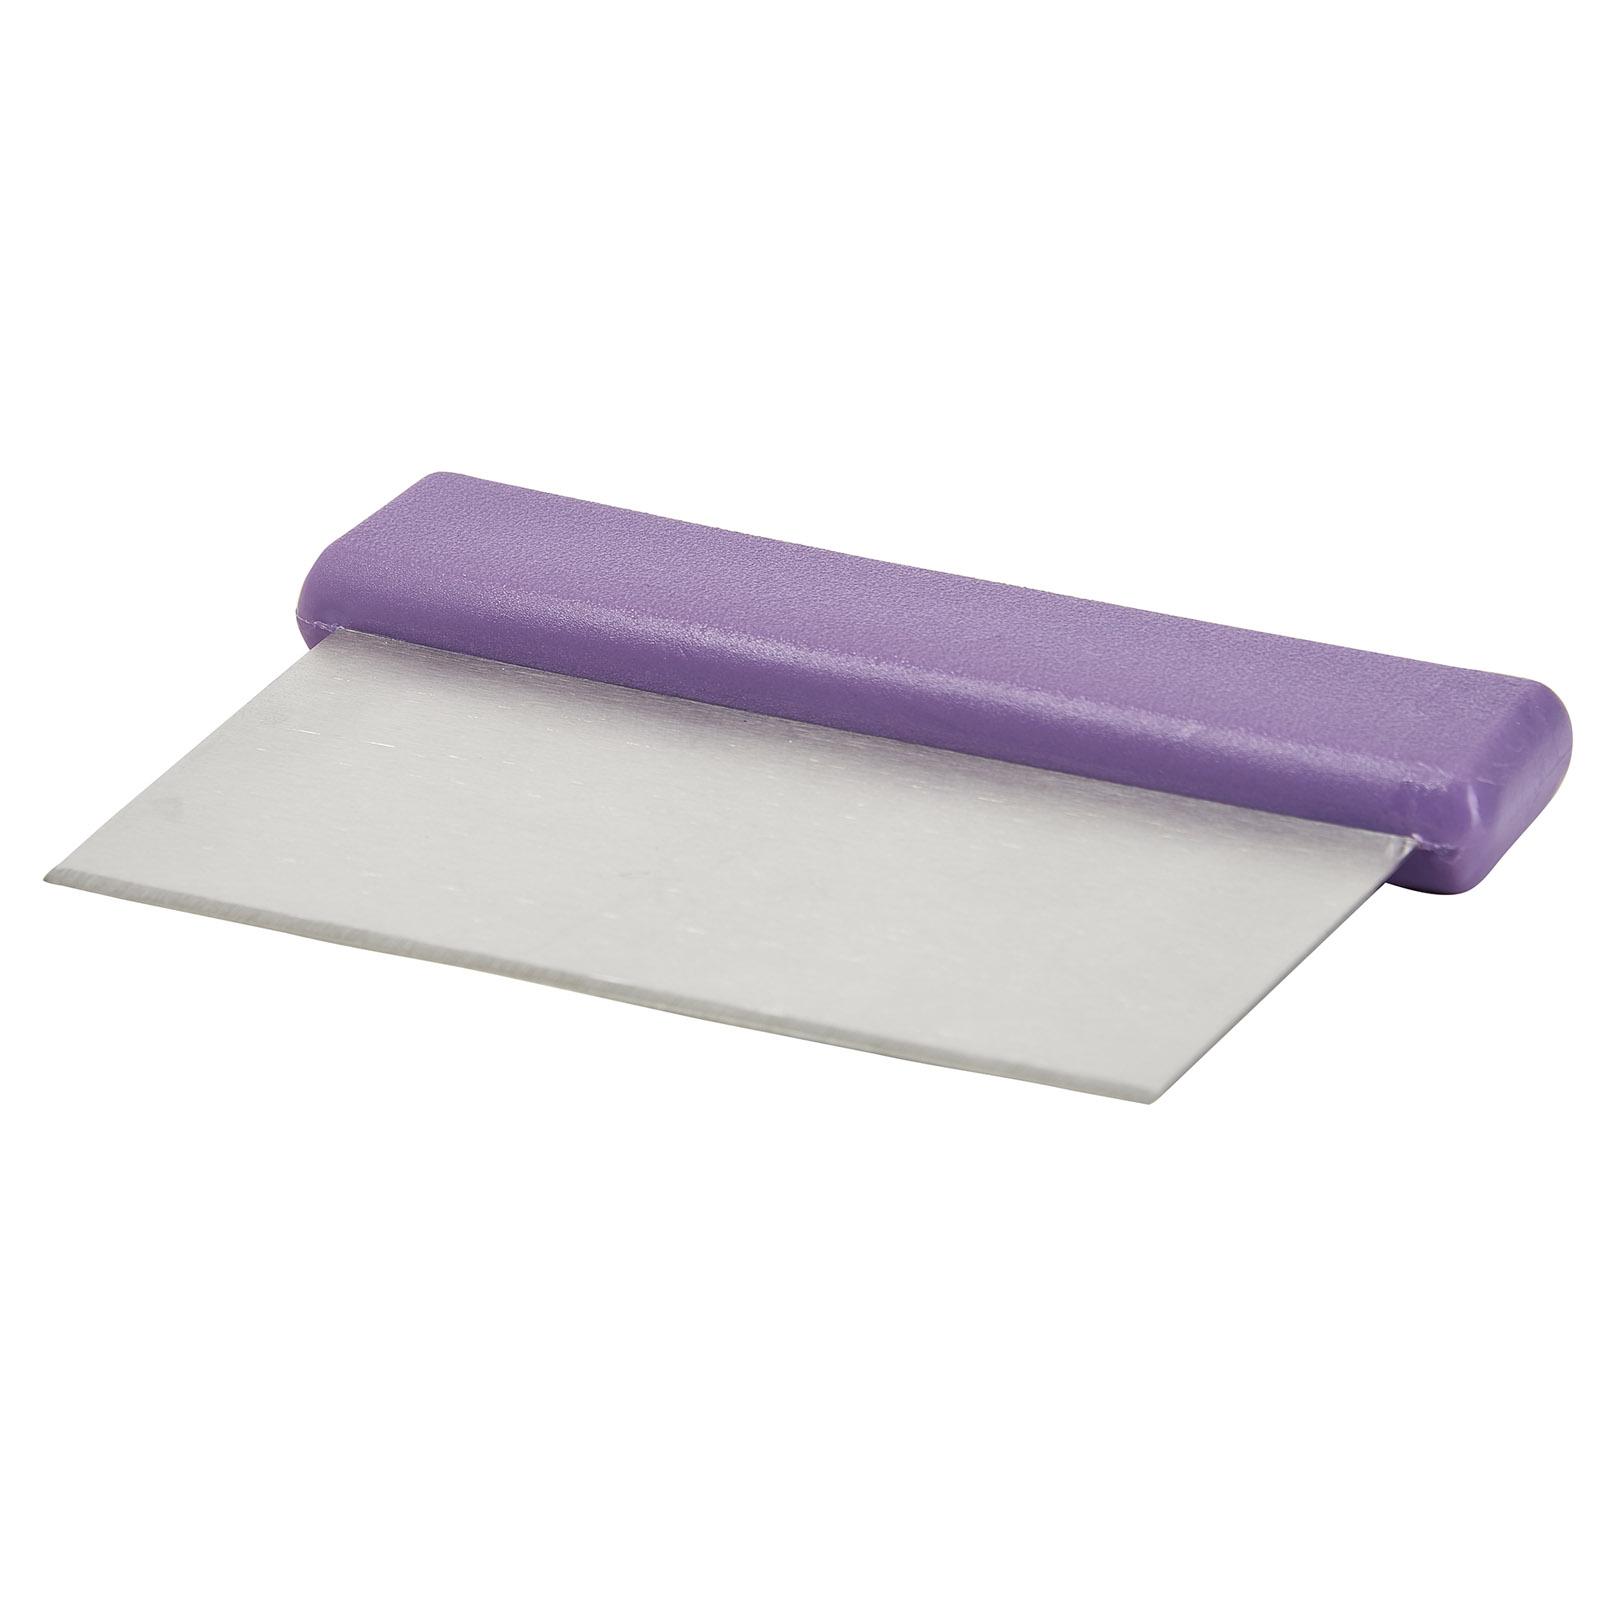 Winco DSC-2P dough cutter/scraper